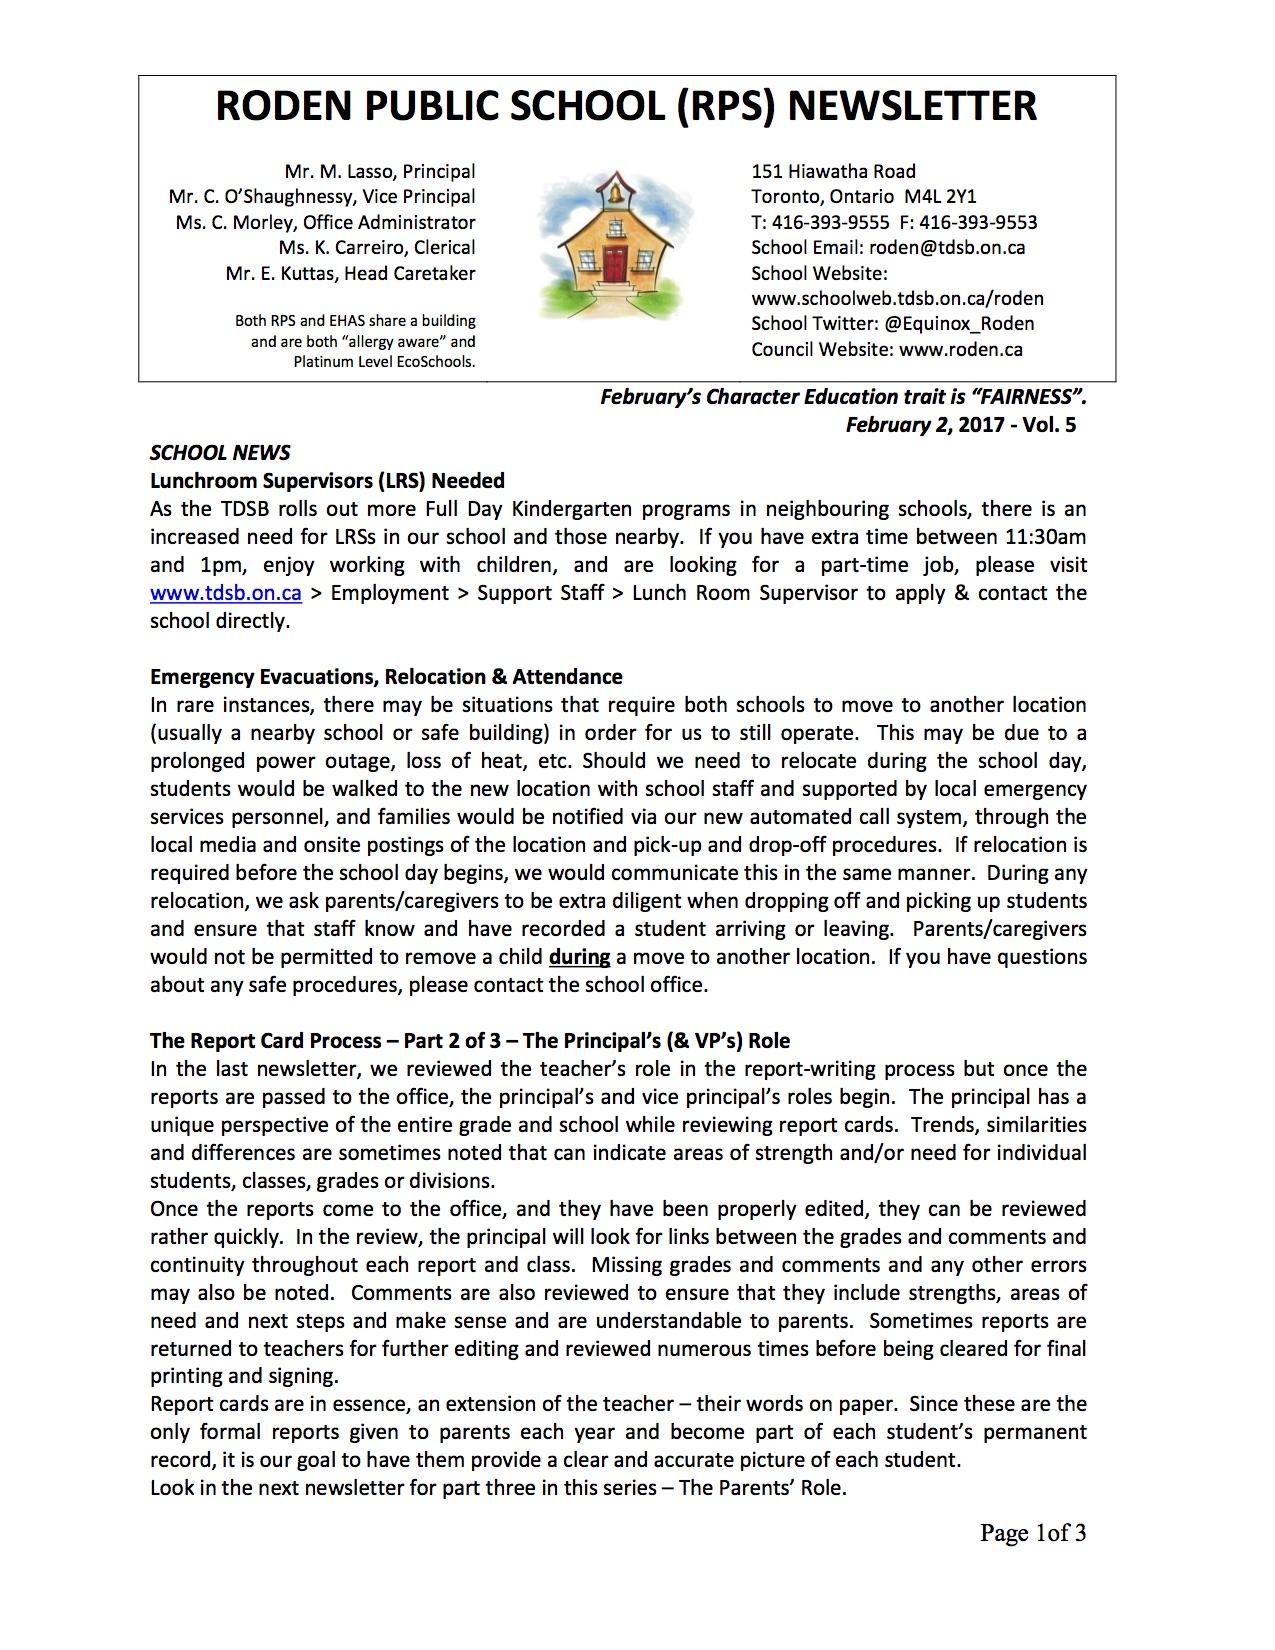 Roden Newsletter 17-02-02